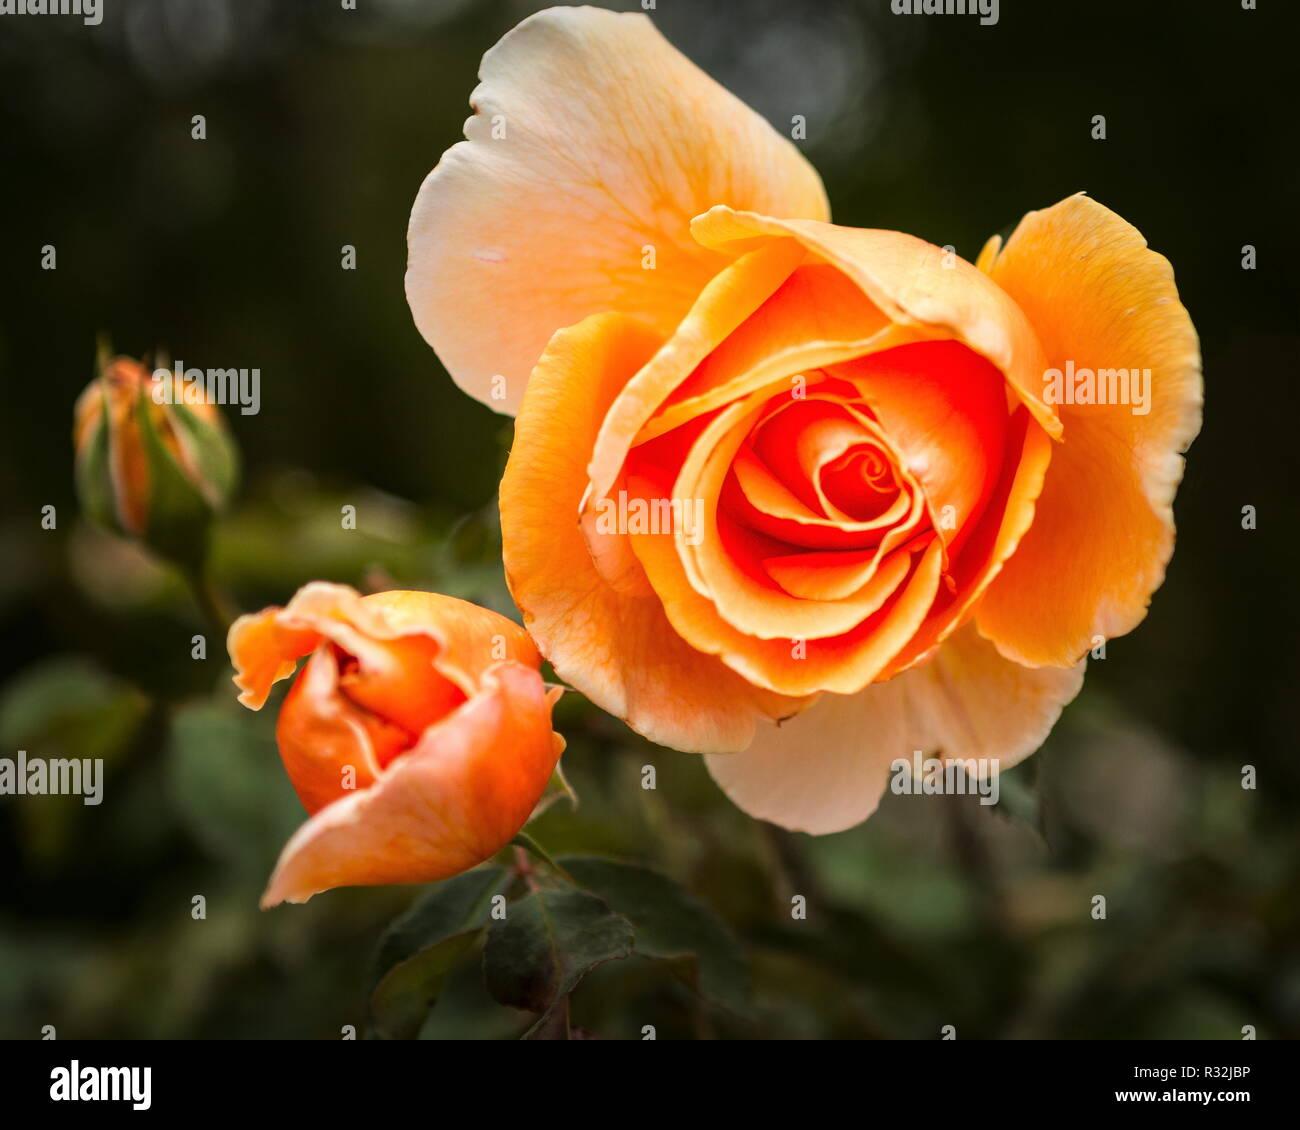 Naissance d'une Rose Standard nommé Joey juste Photo Stock